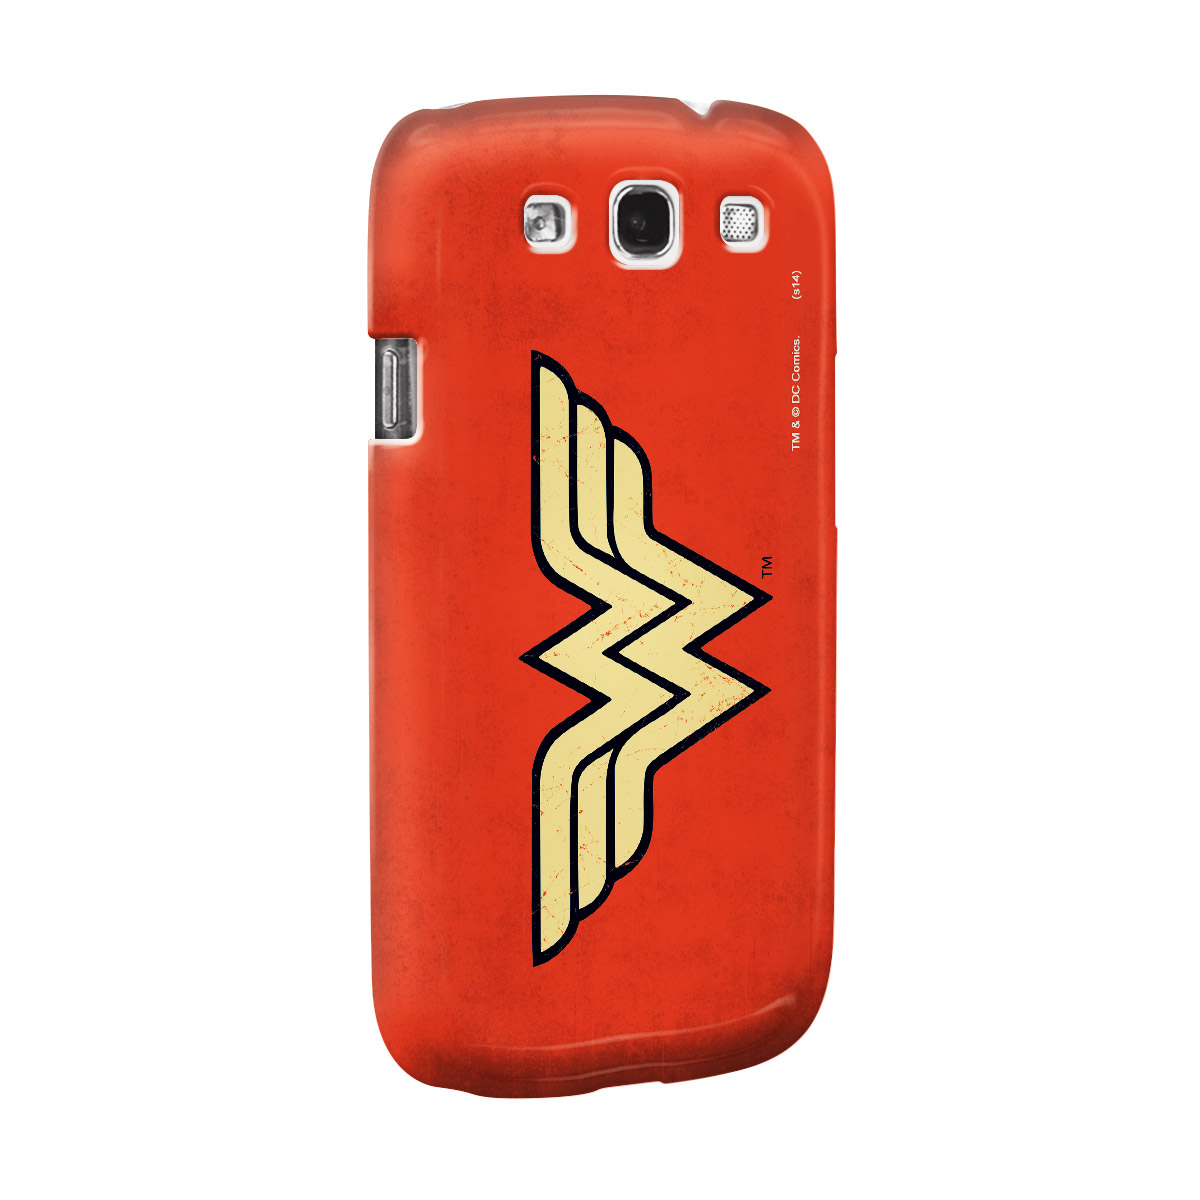 Capa de Celular Samsung Galaxy S3 Power Girls Wonder Woman